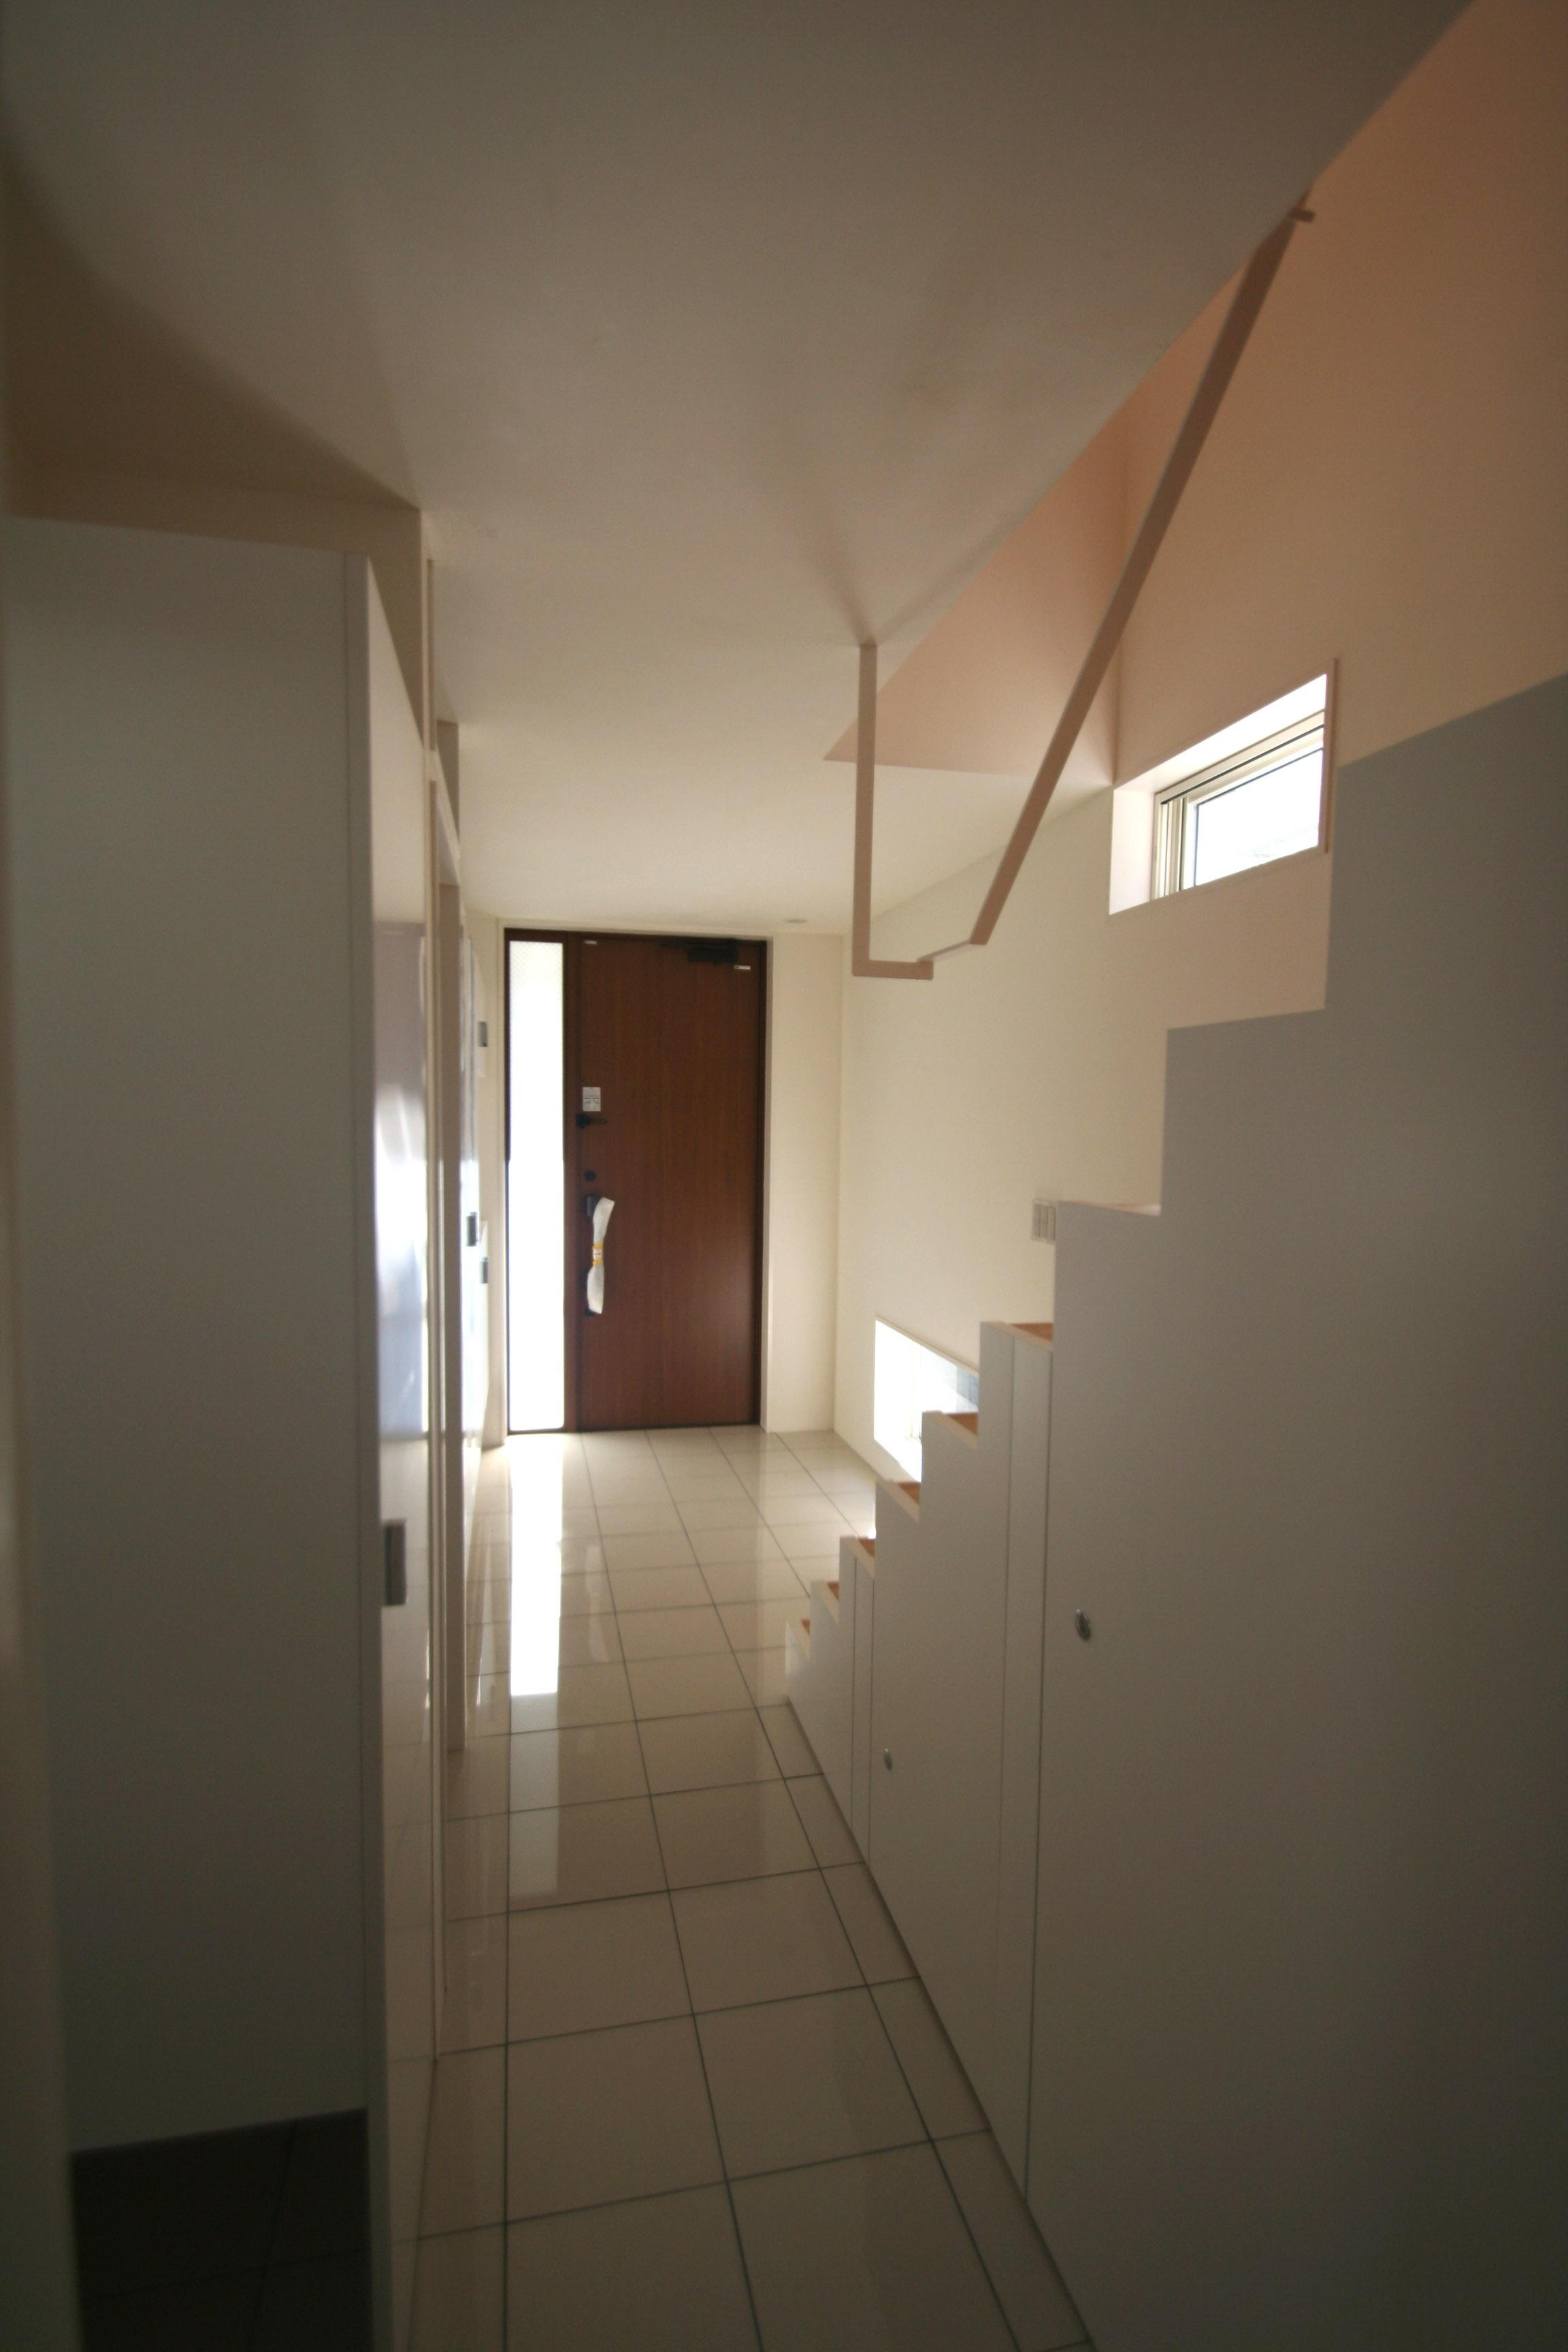 柿の木坂-Tの部屋 ハイサイドライトで部屋が明るい玄関